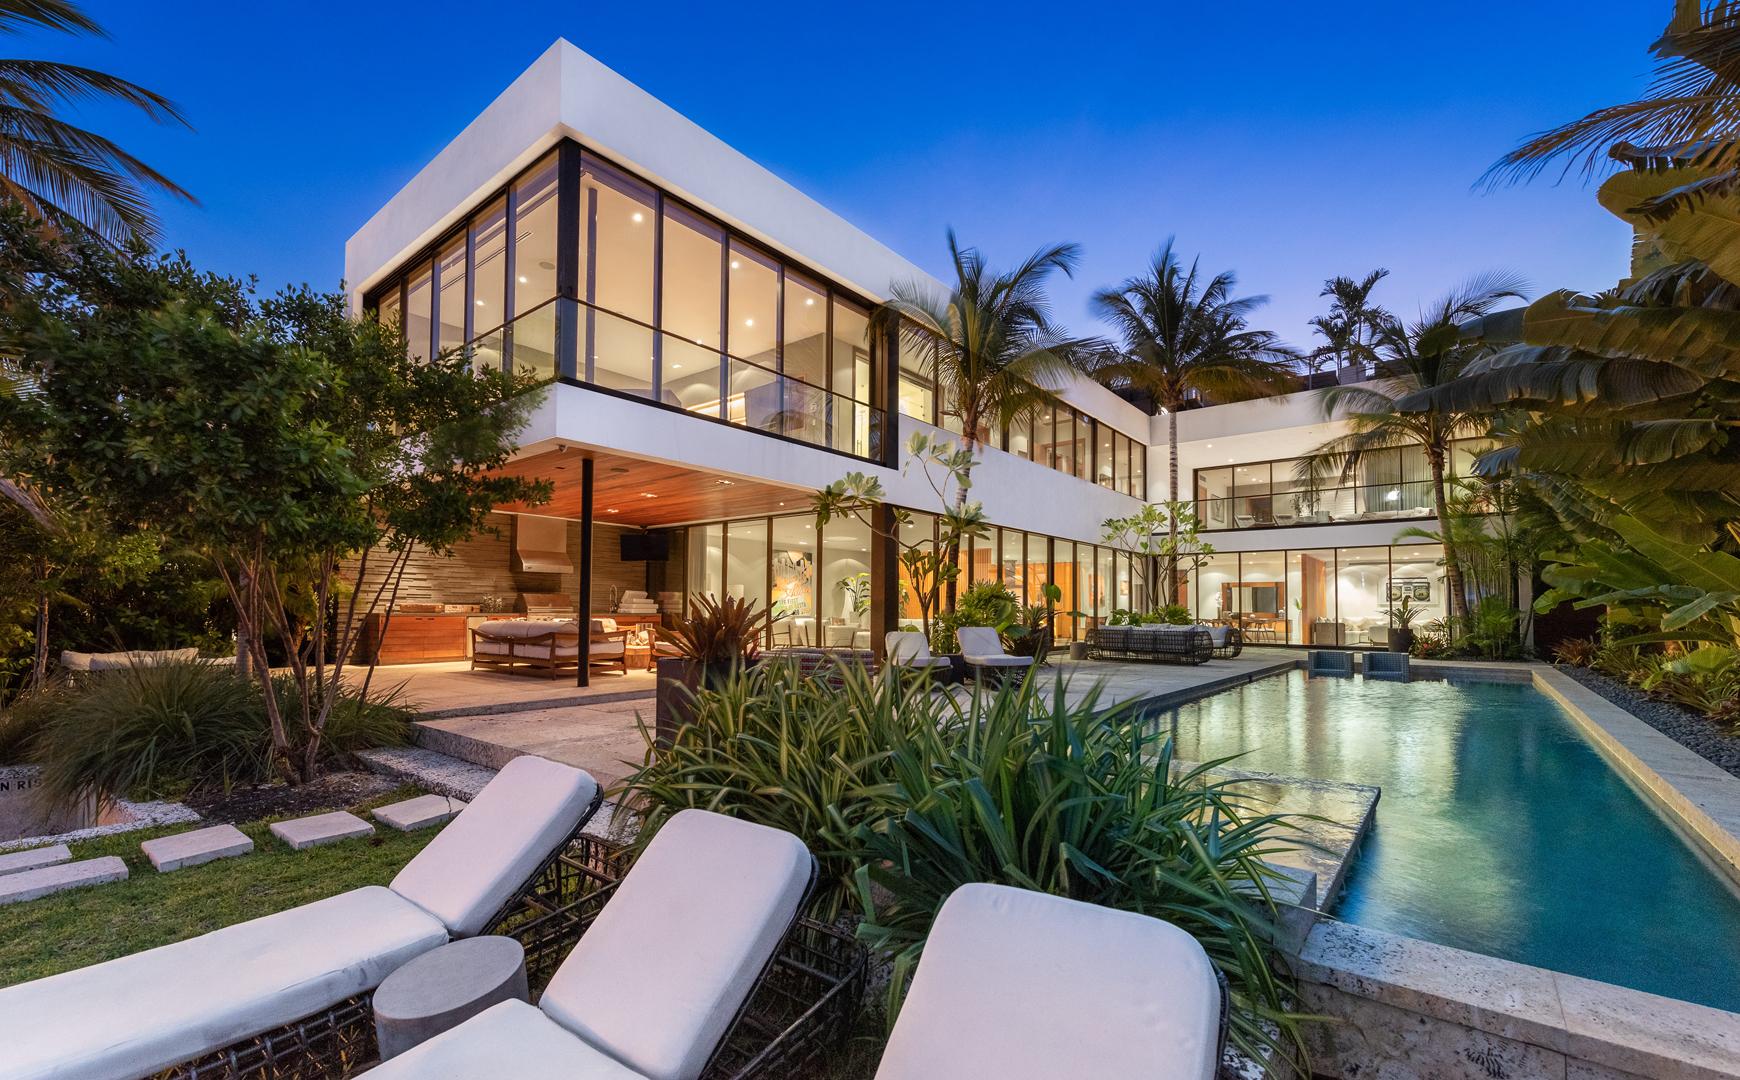 South Beach Home